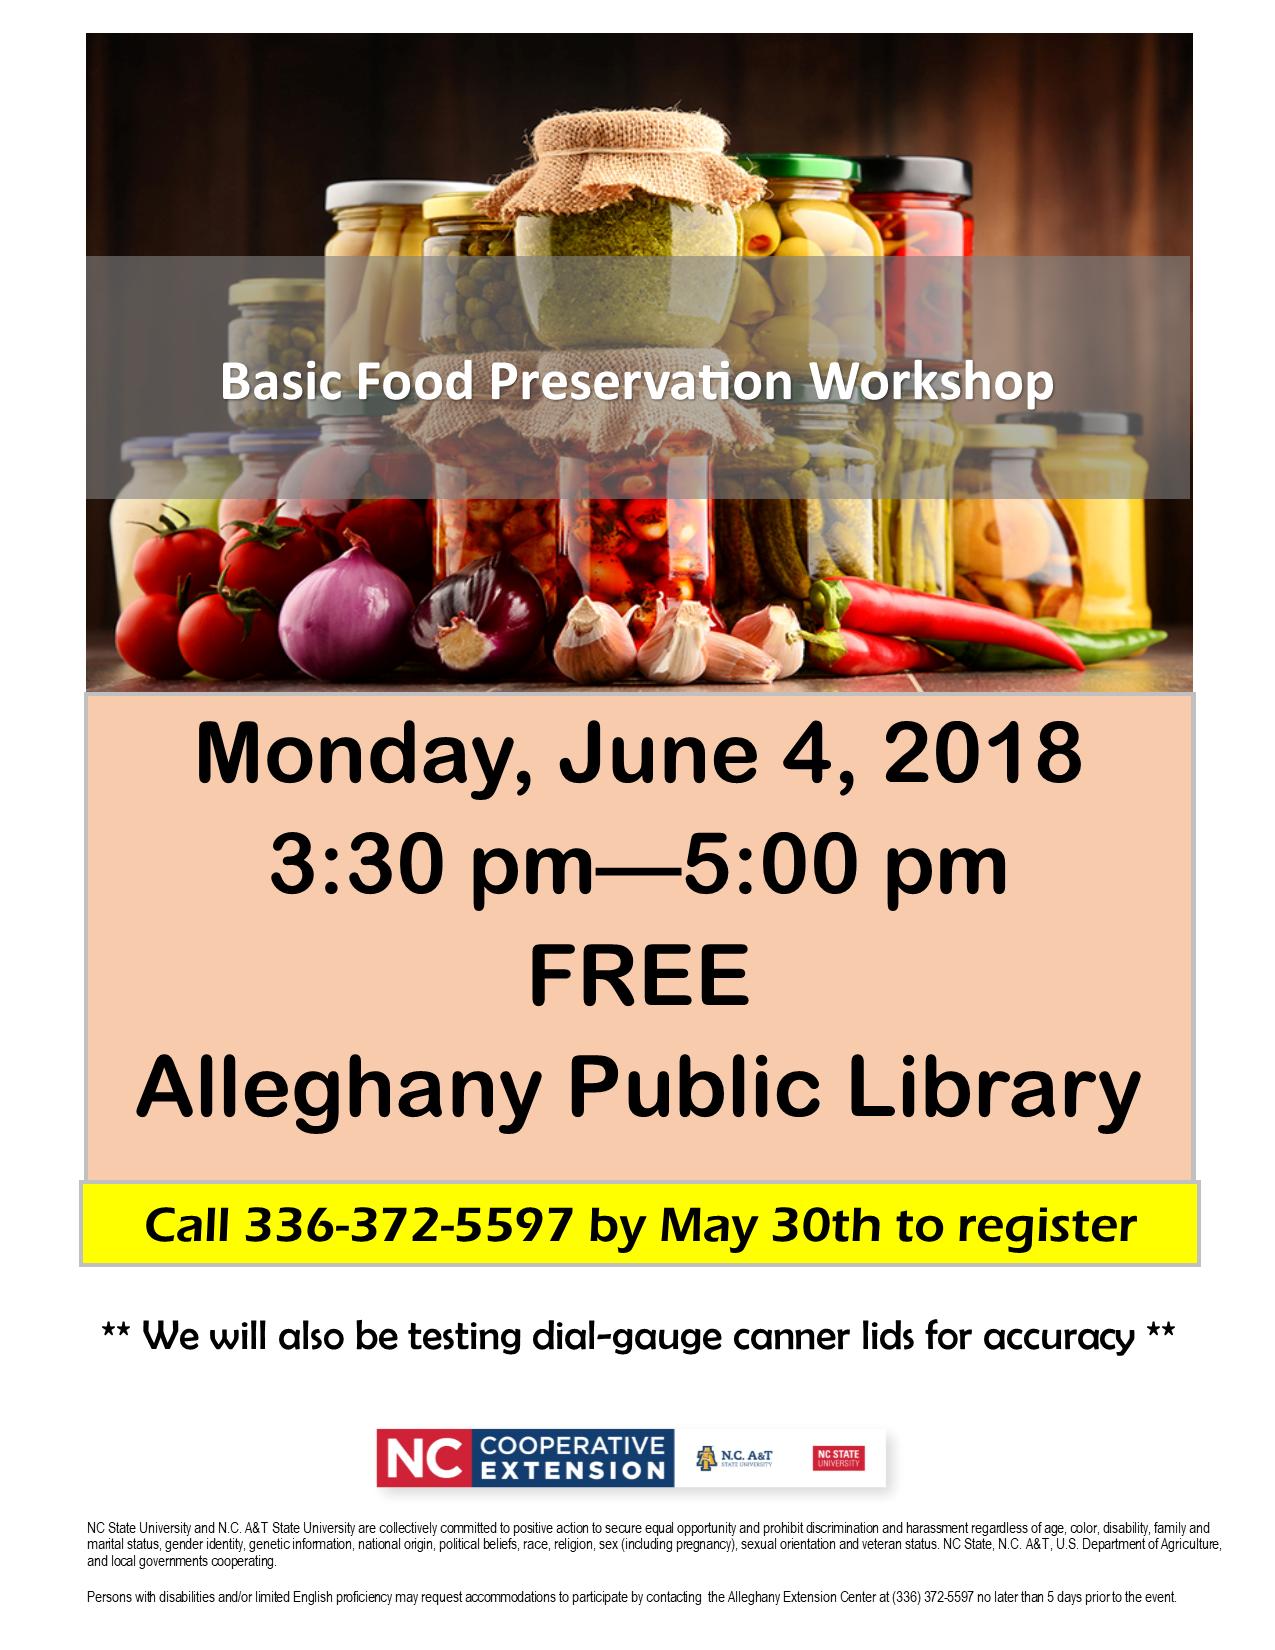 Basic Food Preservation Workshop flyer